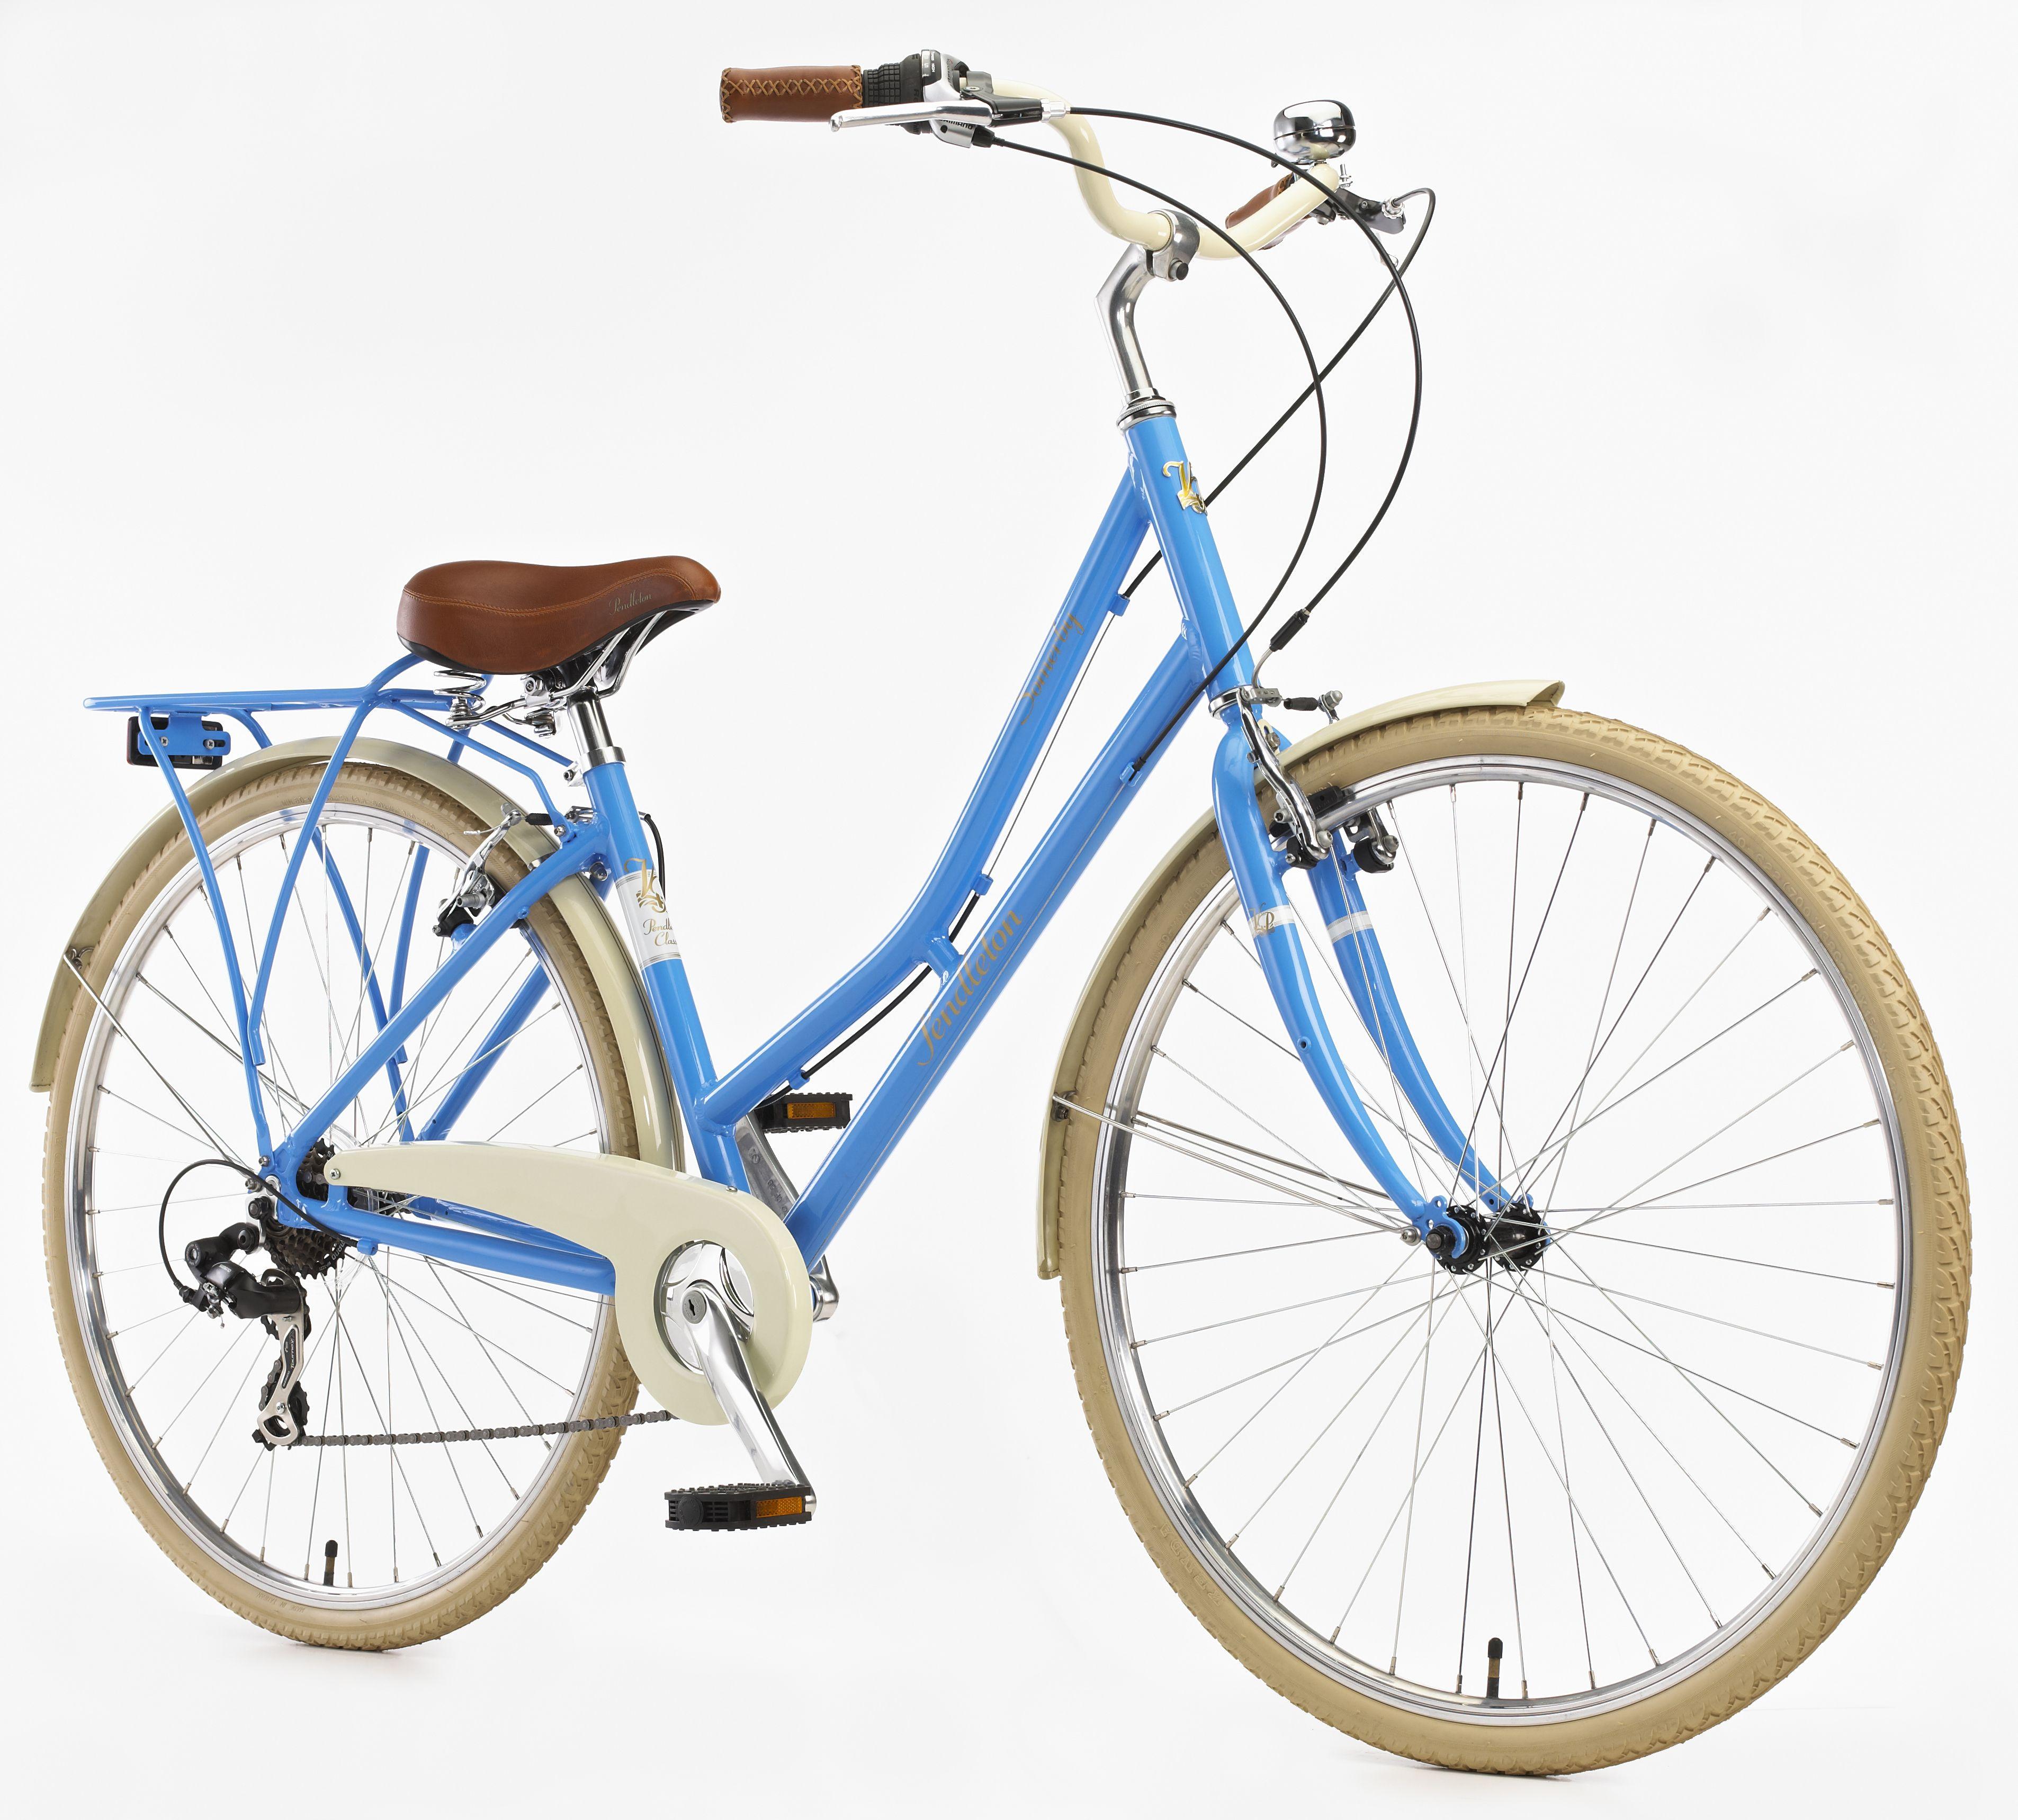 Somerby Pendleton Bike Range Ride Beautifully Exclusive To